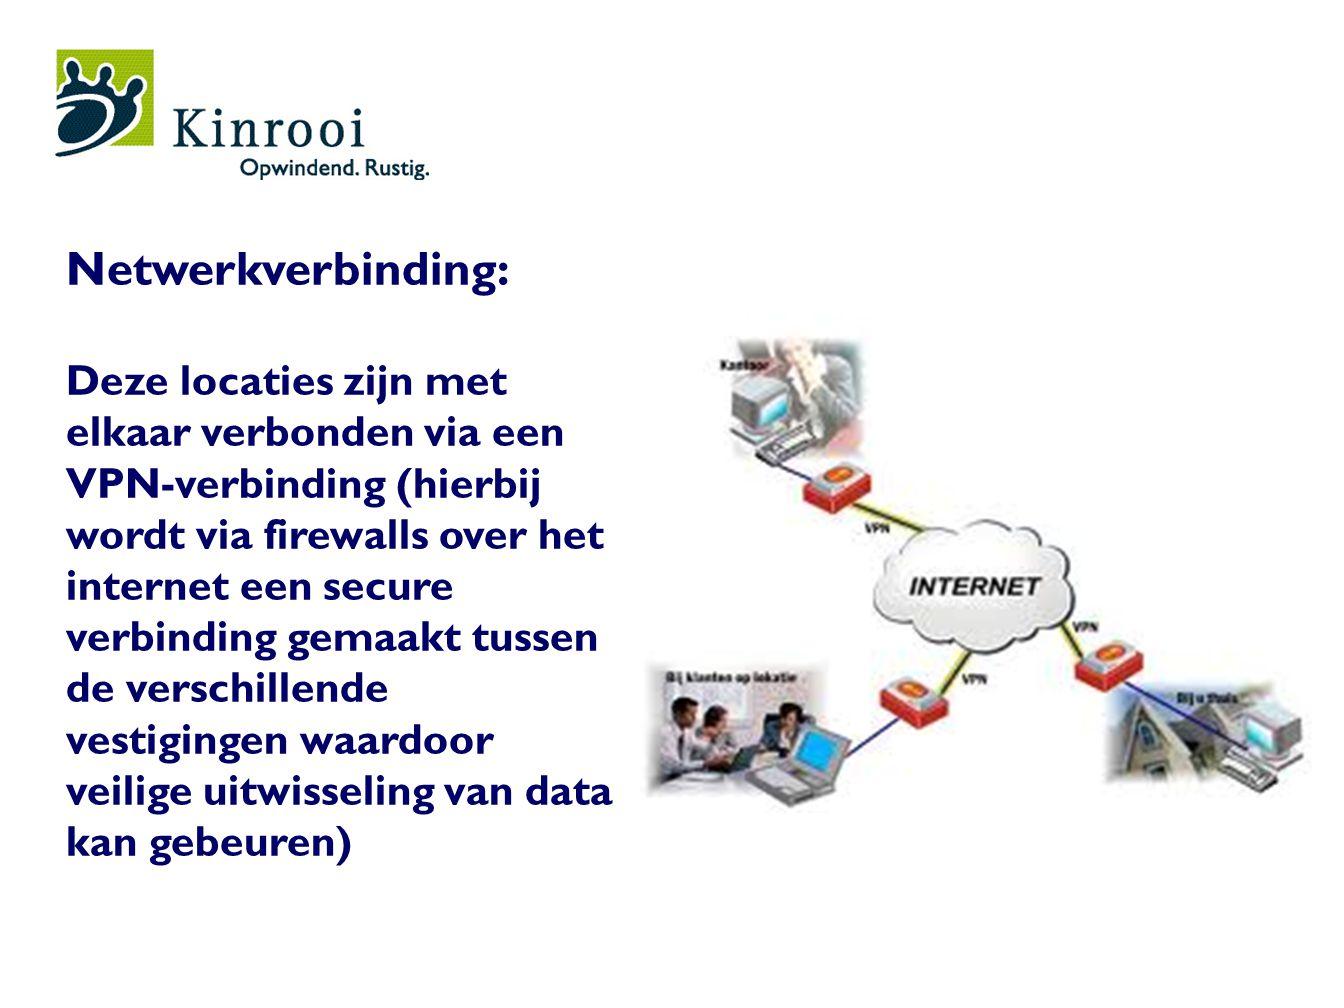 Het gemeentebestuur is onderverdeeld in 5 locaties: - Gemeentehuis - Technische dienst - Bibliotheek - 't Ankerpunt - Buitenschoolse kinderopvang